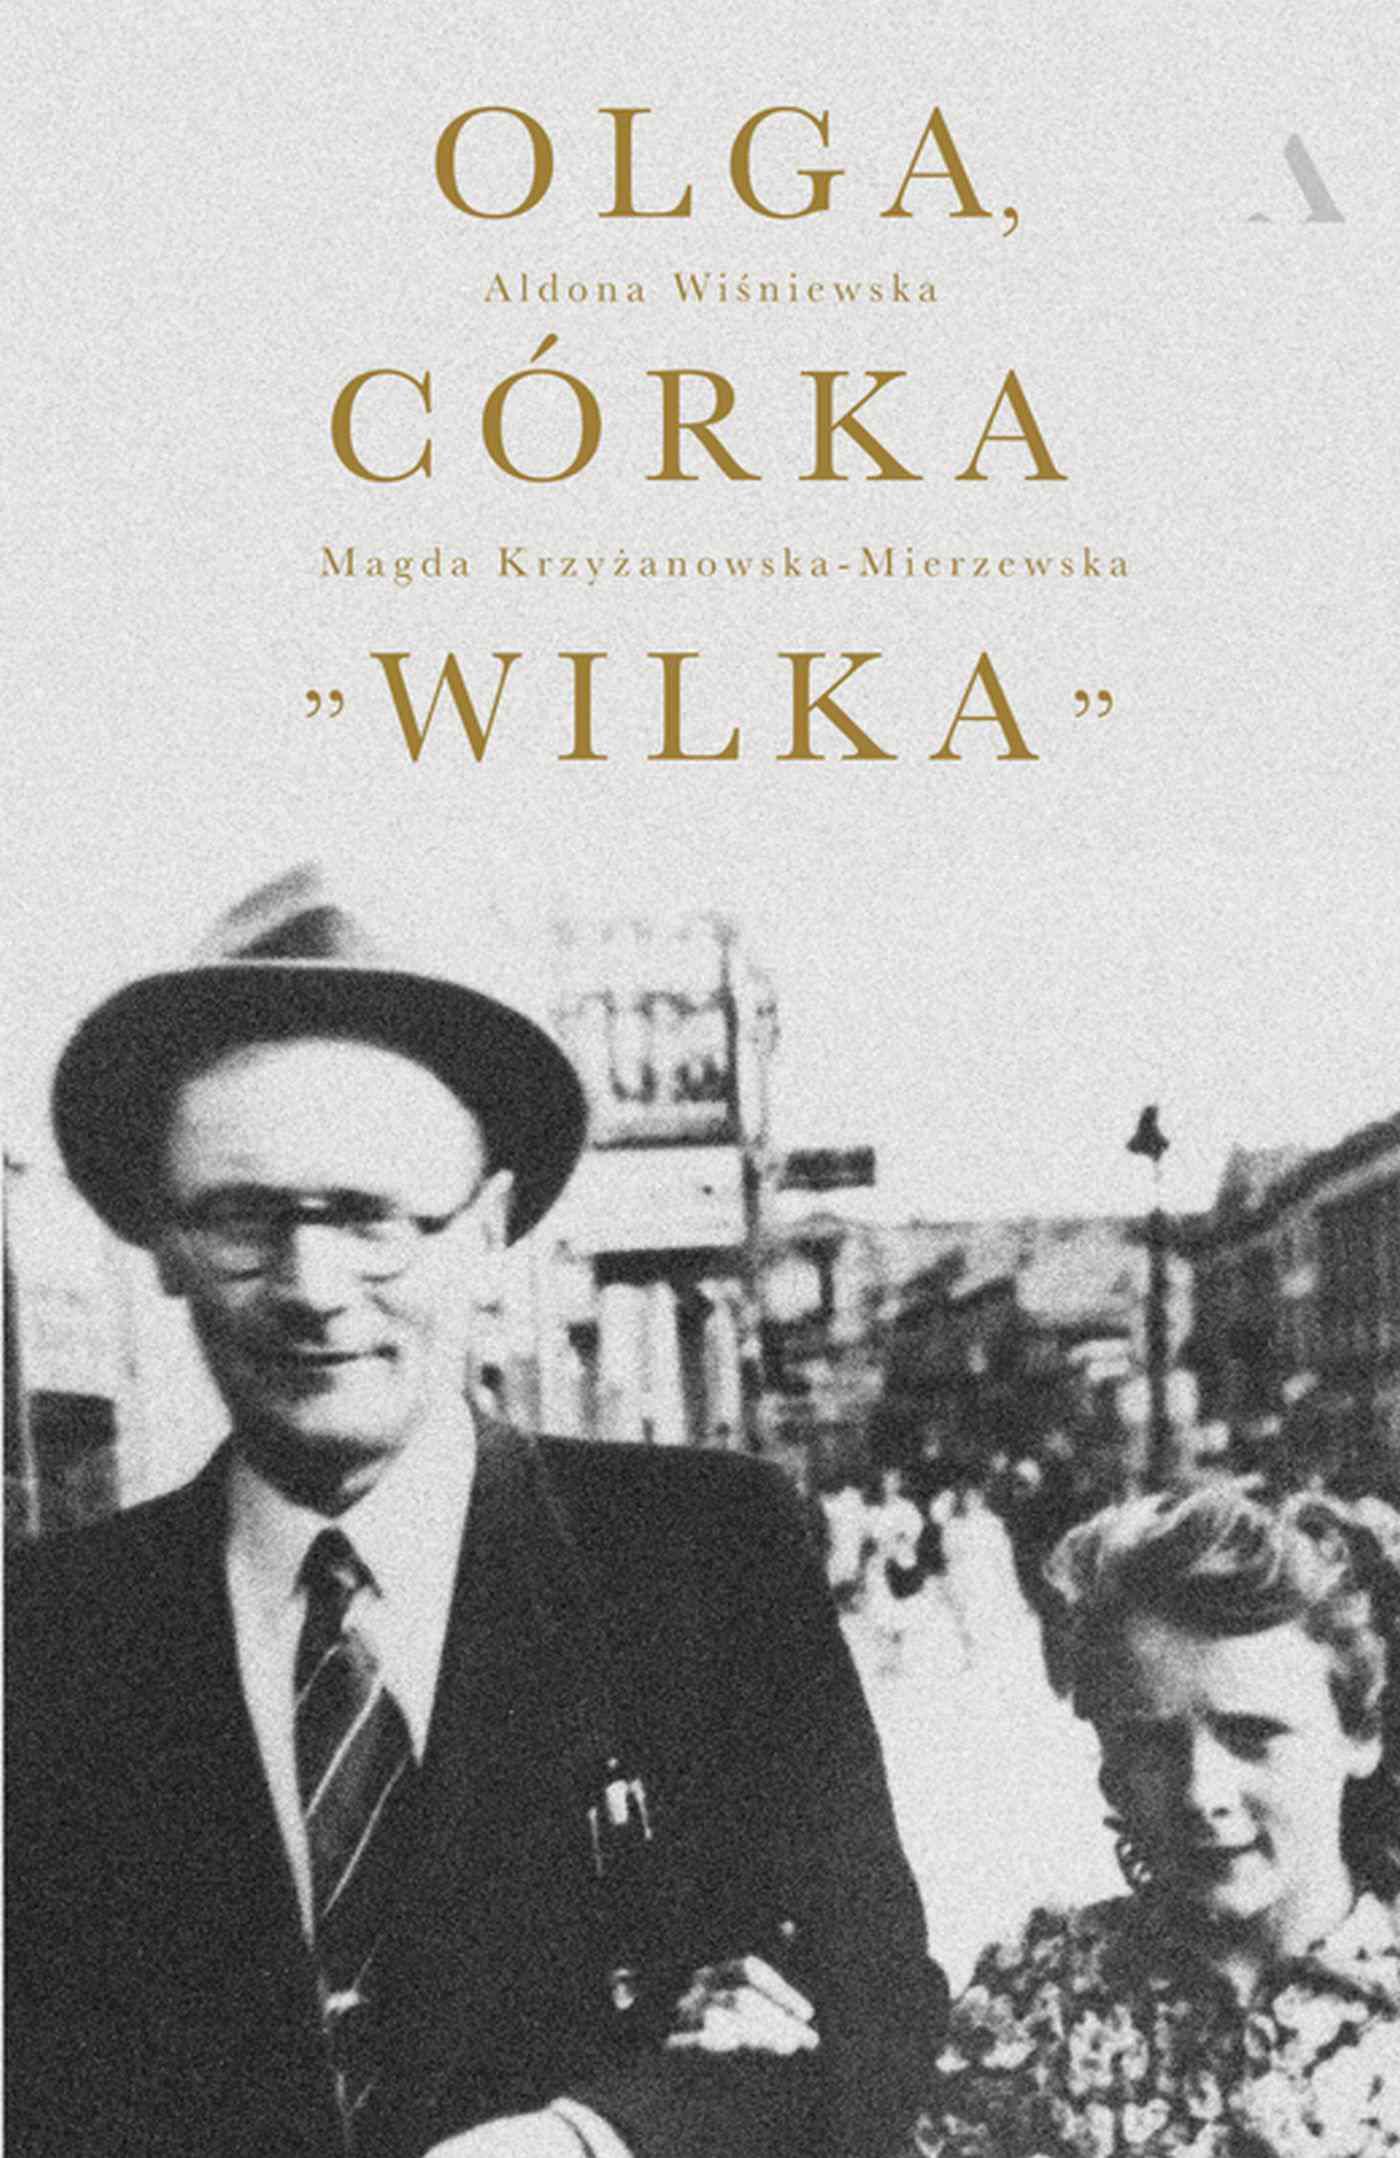 """Olga, córka """"Wilka"""" - Ebook (Książka EPUB) do pobrania w formacie EPUB"""